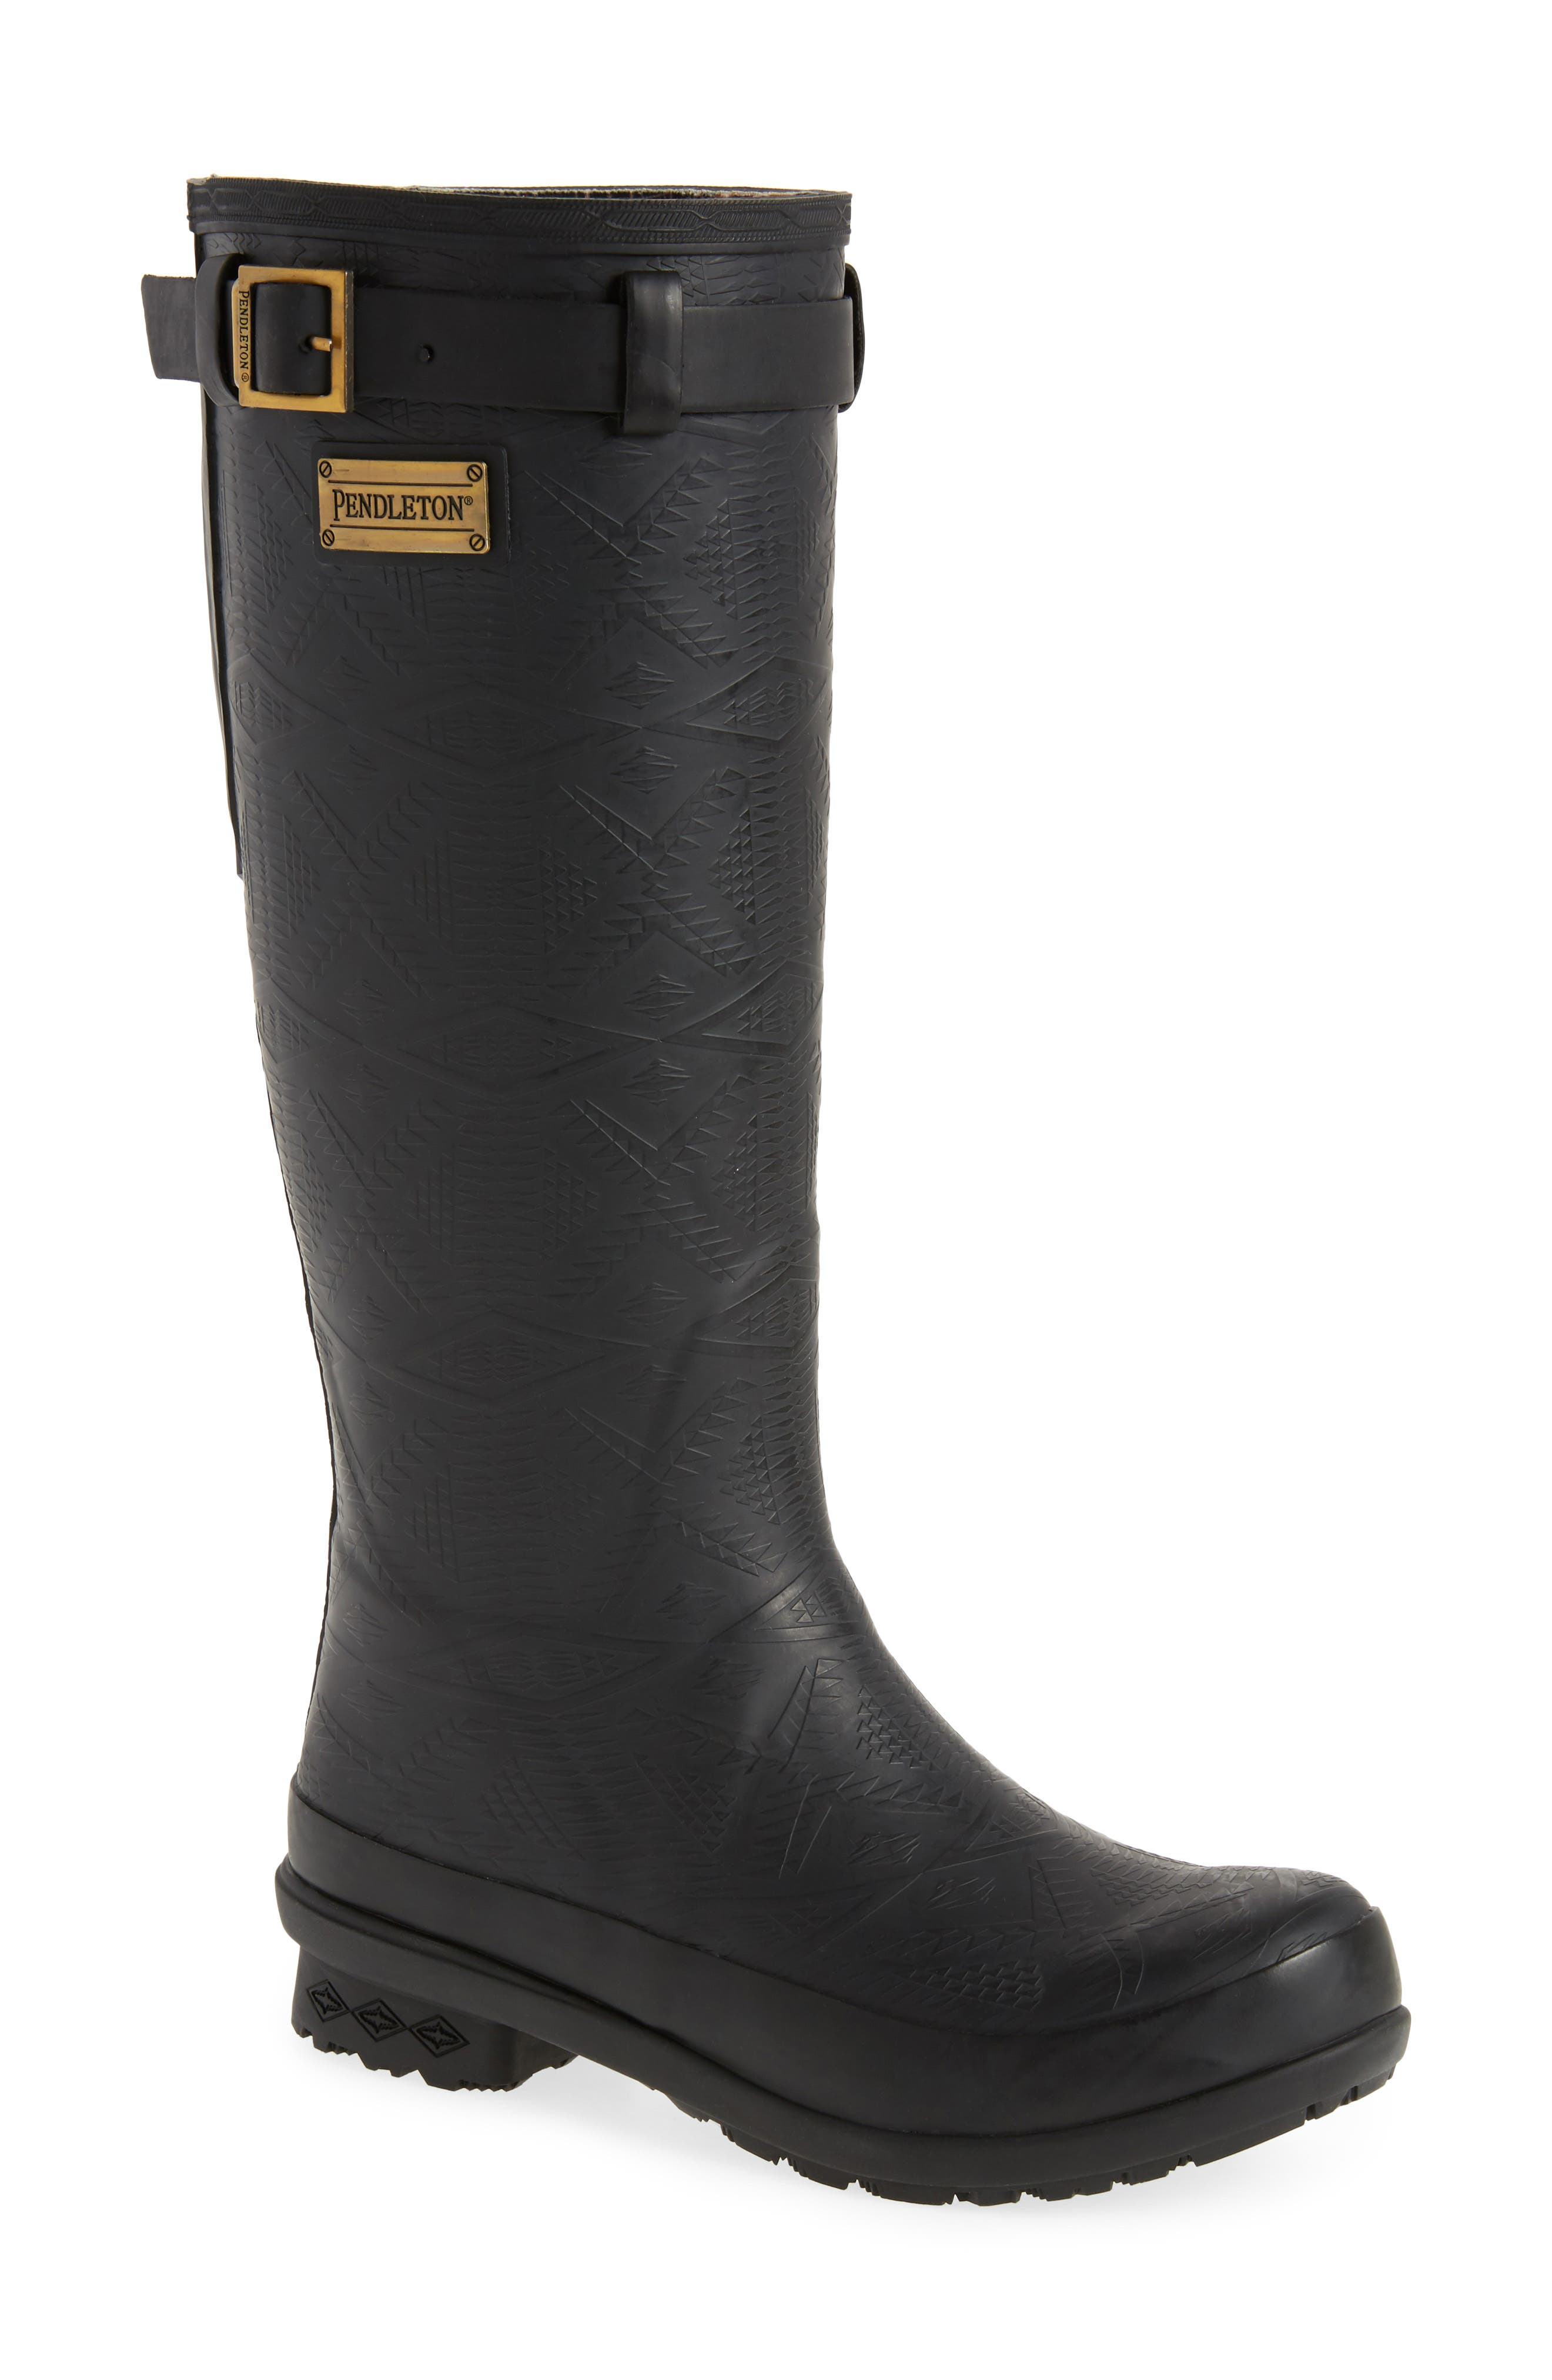 PENDLETON Embossed Tall Waterproof Rain Boot, Main, color, BLACK